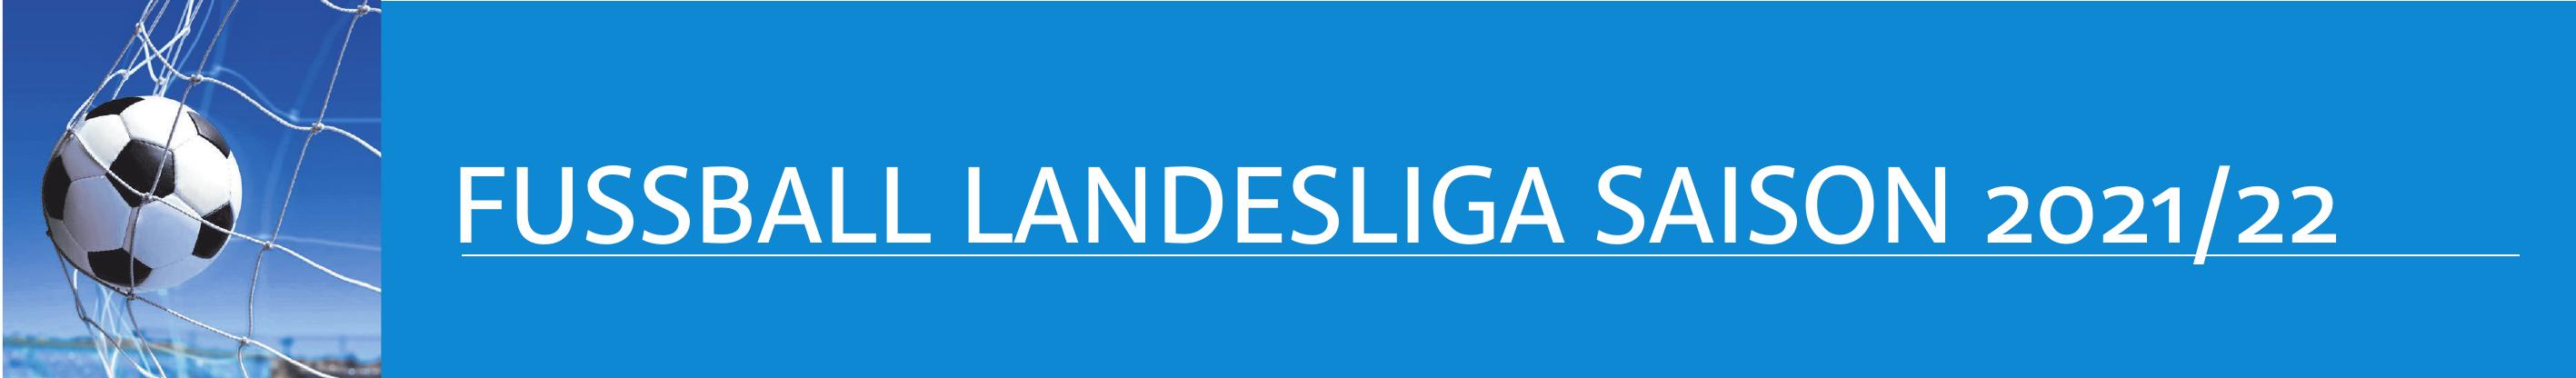 FV Bad Schussenried: Der Klassenerhalt ist im Jubiläumsjahr das primäre Ziel Image 1